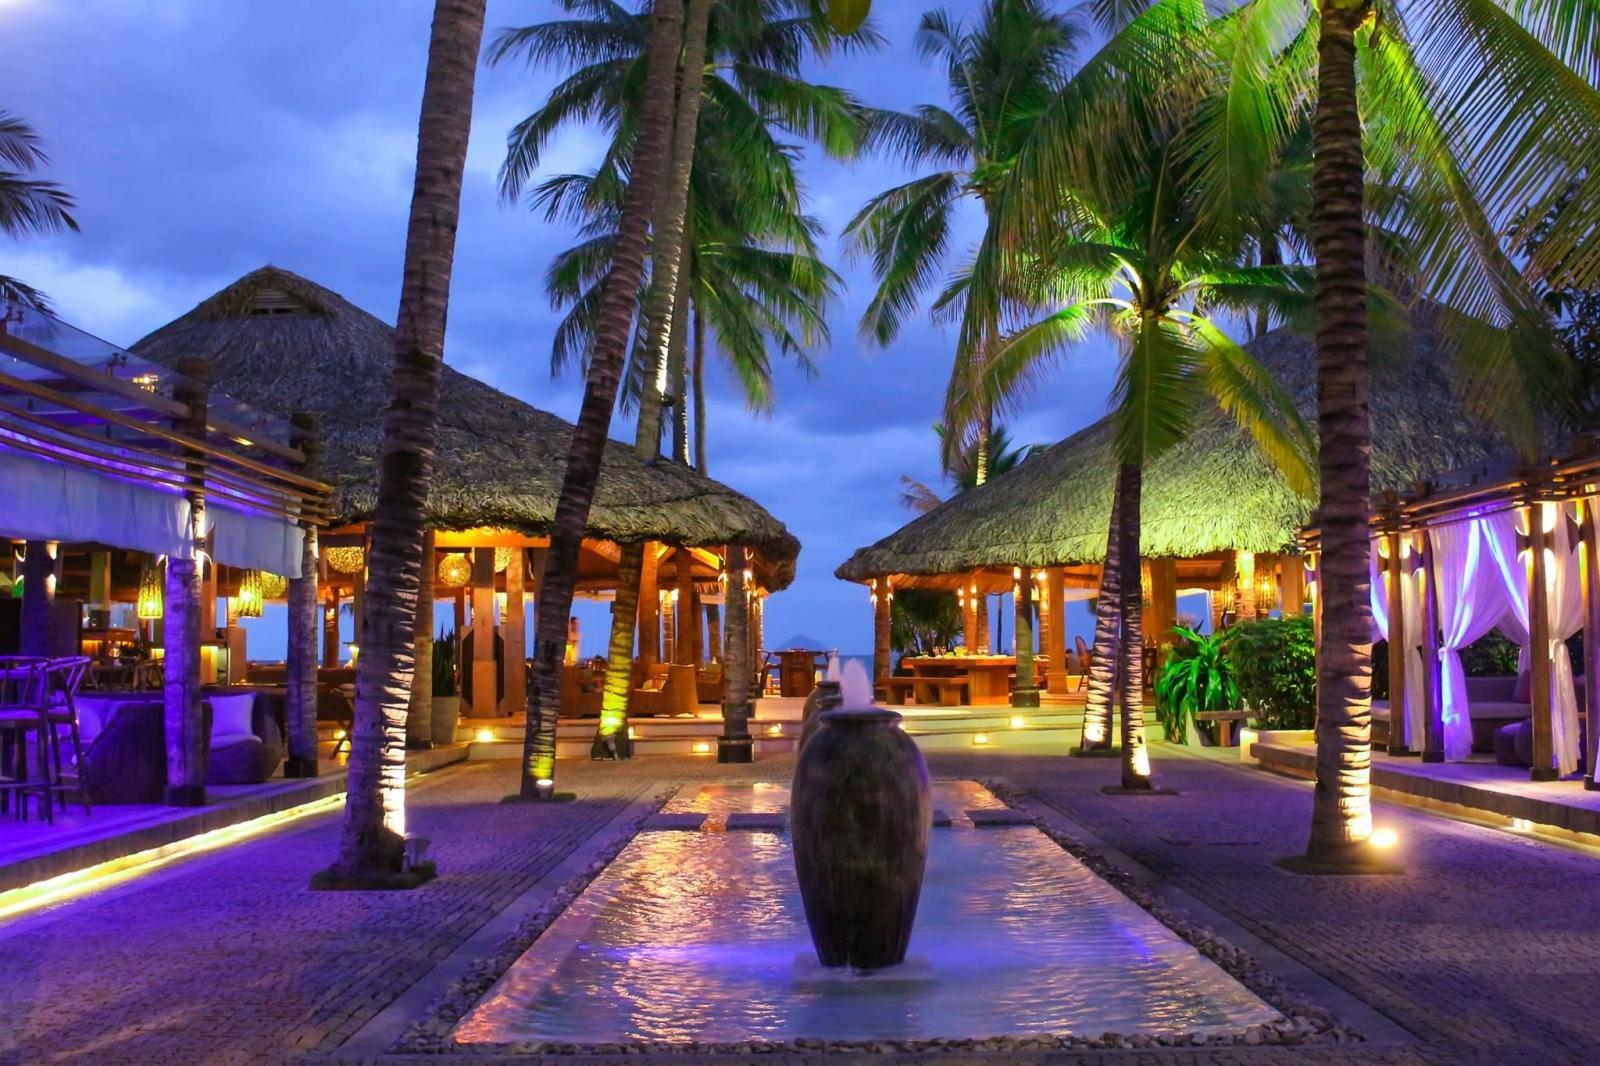 Các loại hình nghỉ dưỡng đa dạng đã giúp Bali luôn là điểm đến yêu thích của nhiều du khách